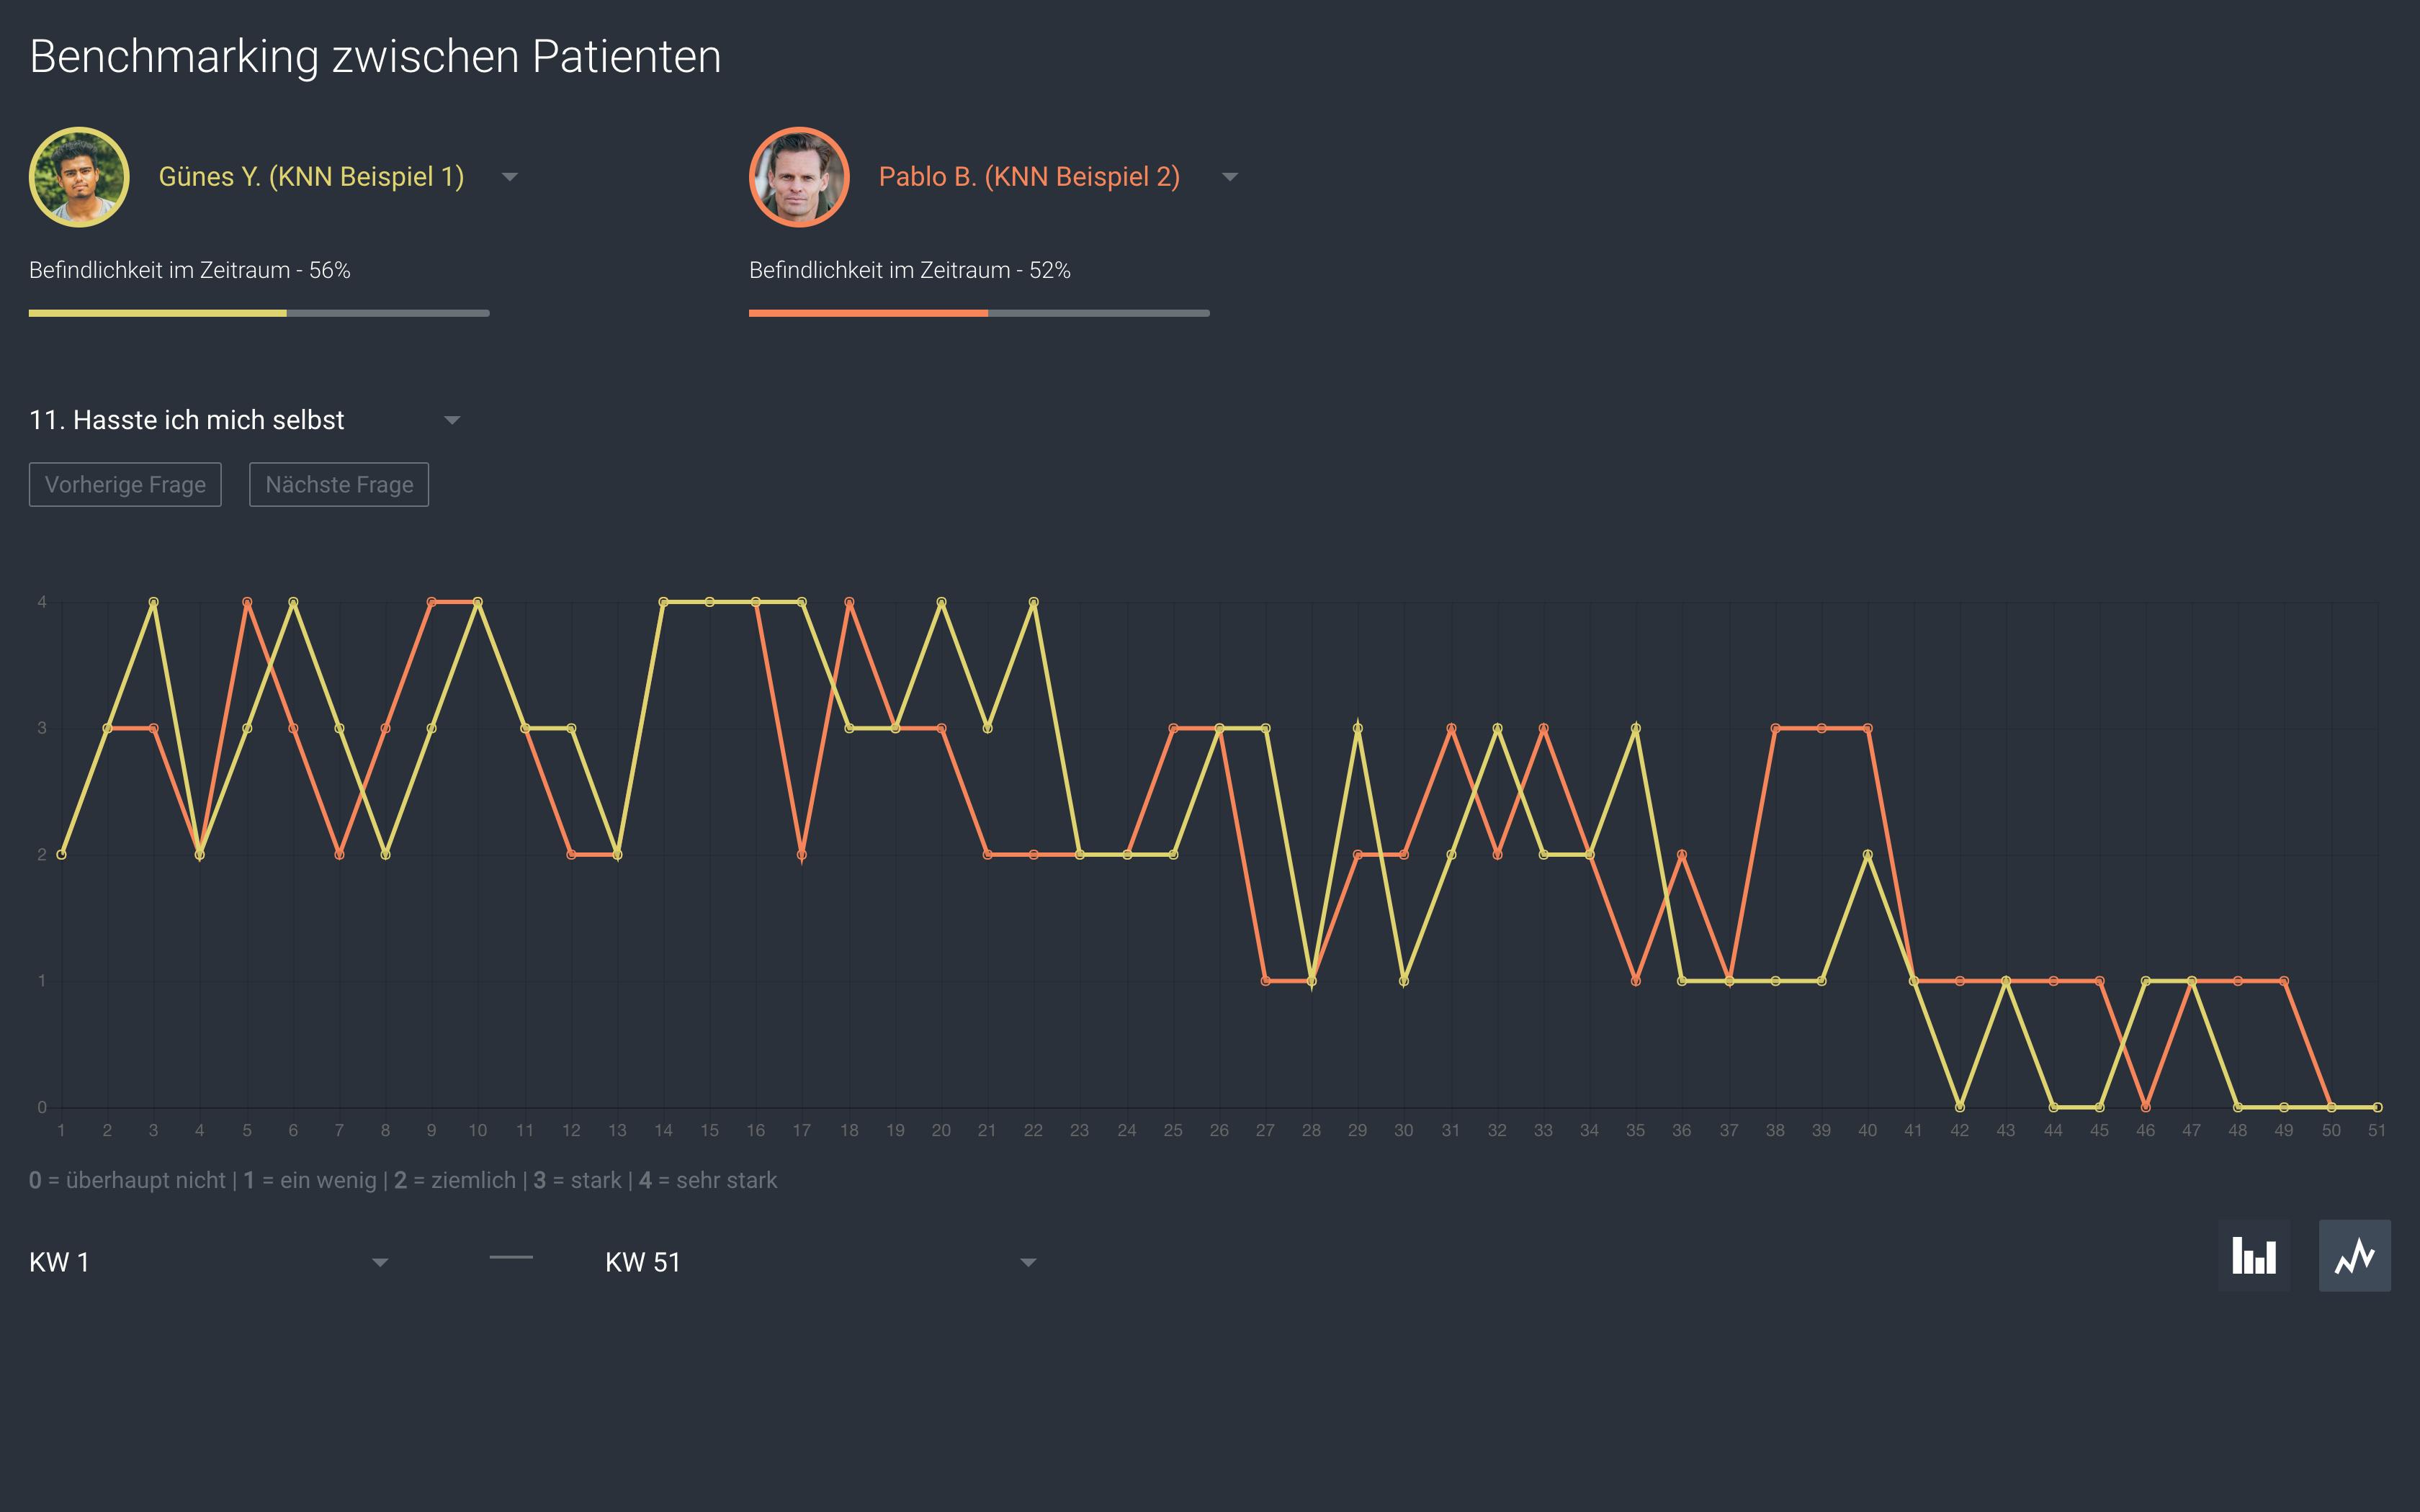 Prototyp Liniendiagramm - Einstiegsbild - Bachelorarbeit Patrick Fieger